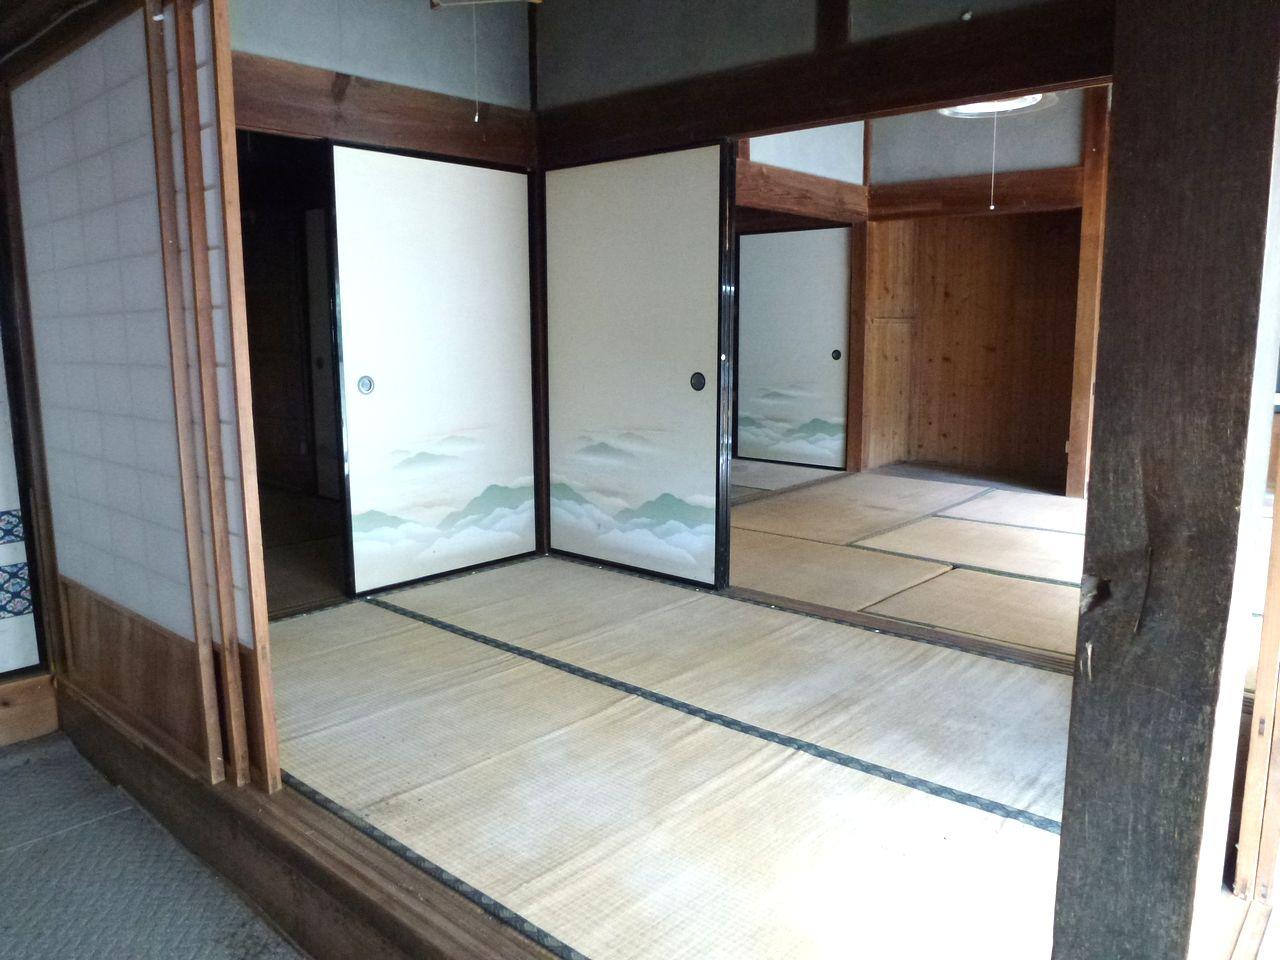 室内の様子 - 3畳和室